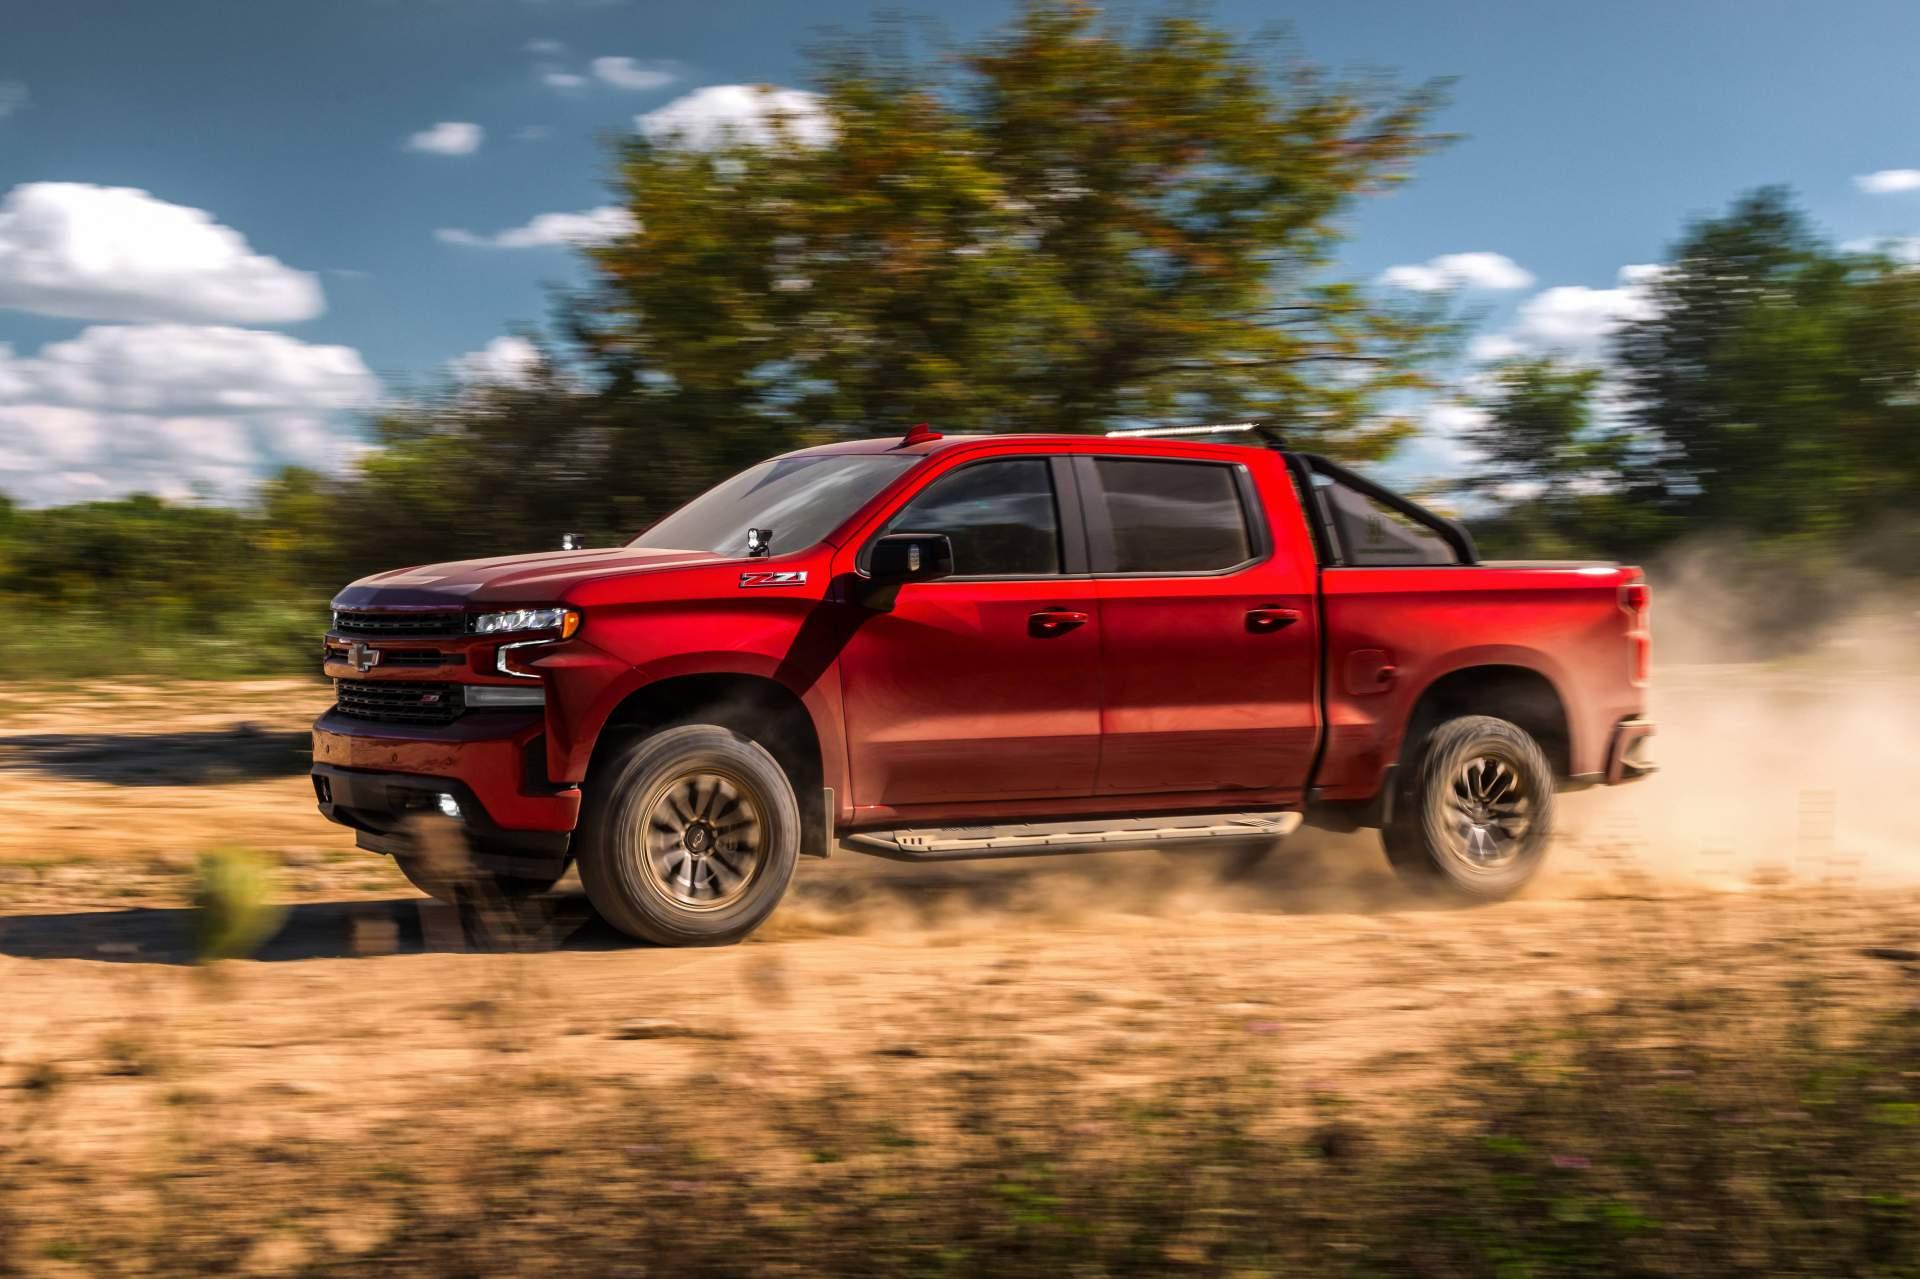 Chevrolet Silverado Concepts 2019 (11)